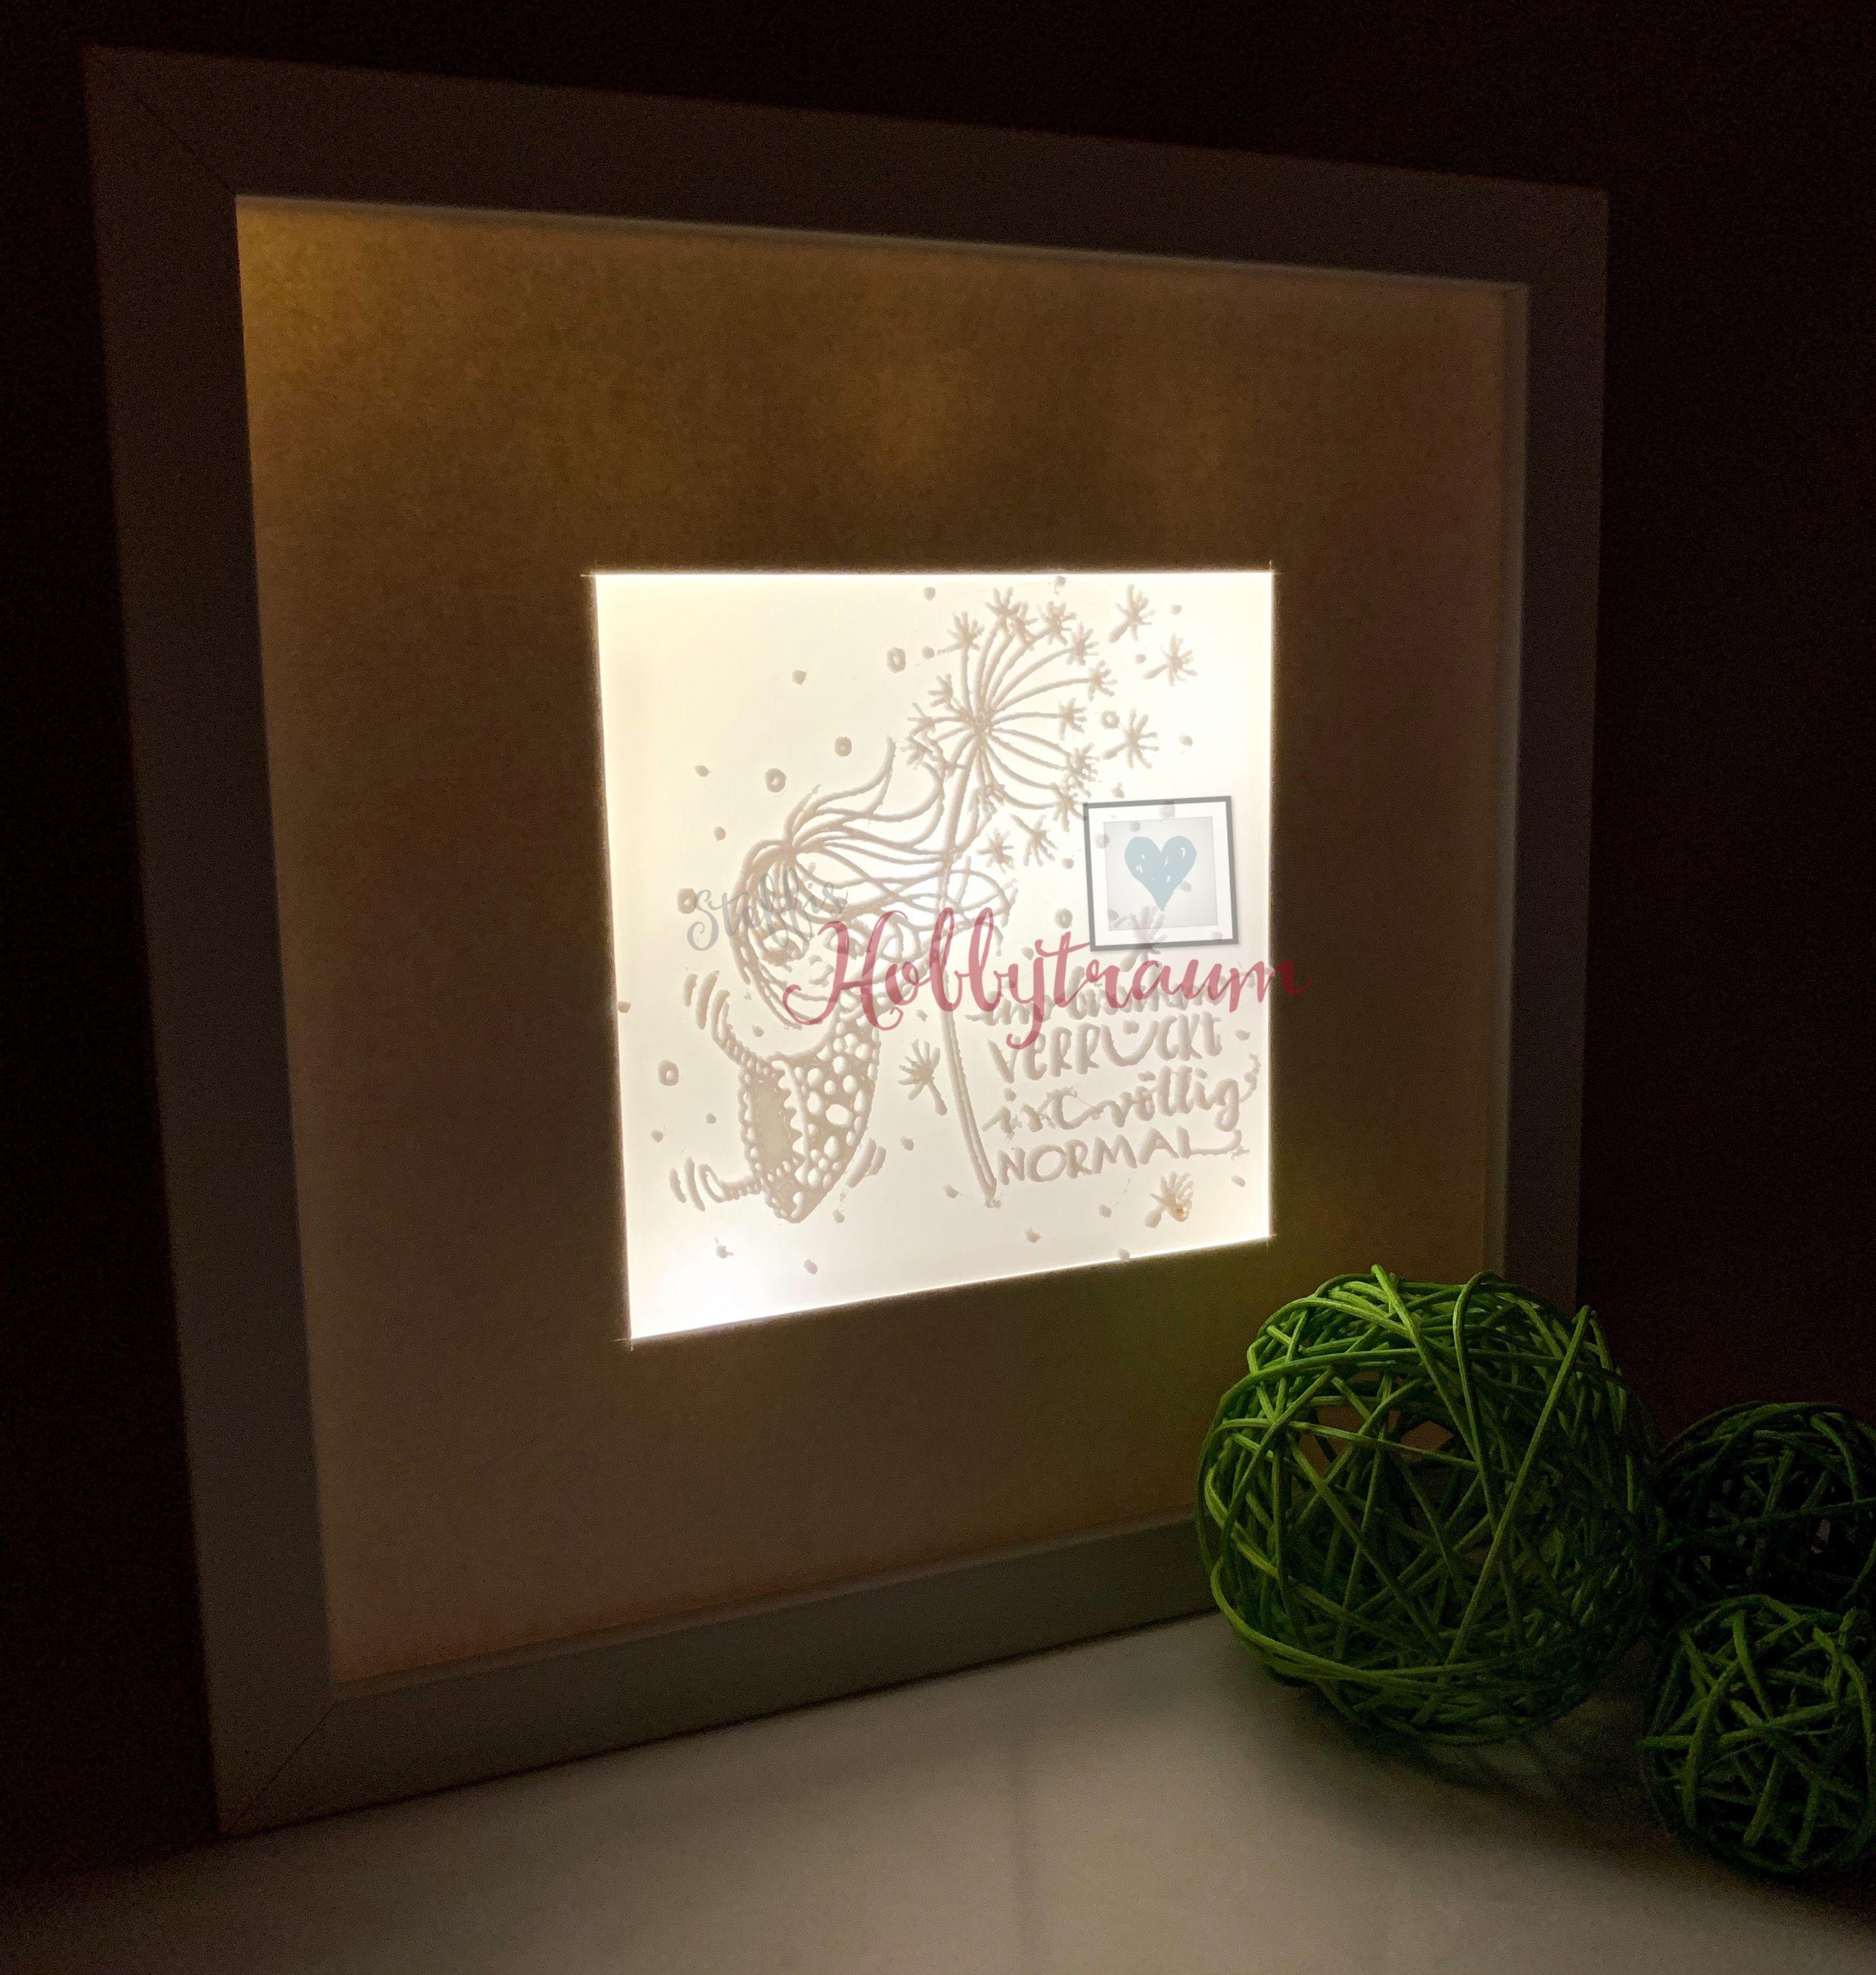 3d Druck Einer Meiner Lieblingsdateien Lithopanie Beleuchteter Bilderrahmen 3d Printing 3d Fotodruck 3 Beleuchteter Bilderrahmen Urlaubsfotos Bilderrahmen